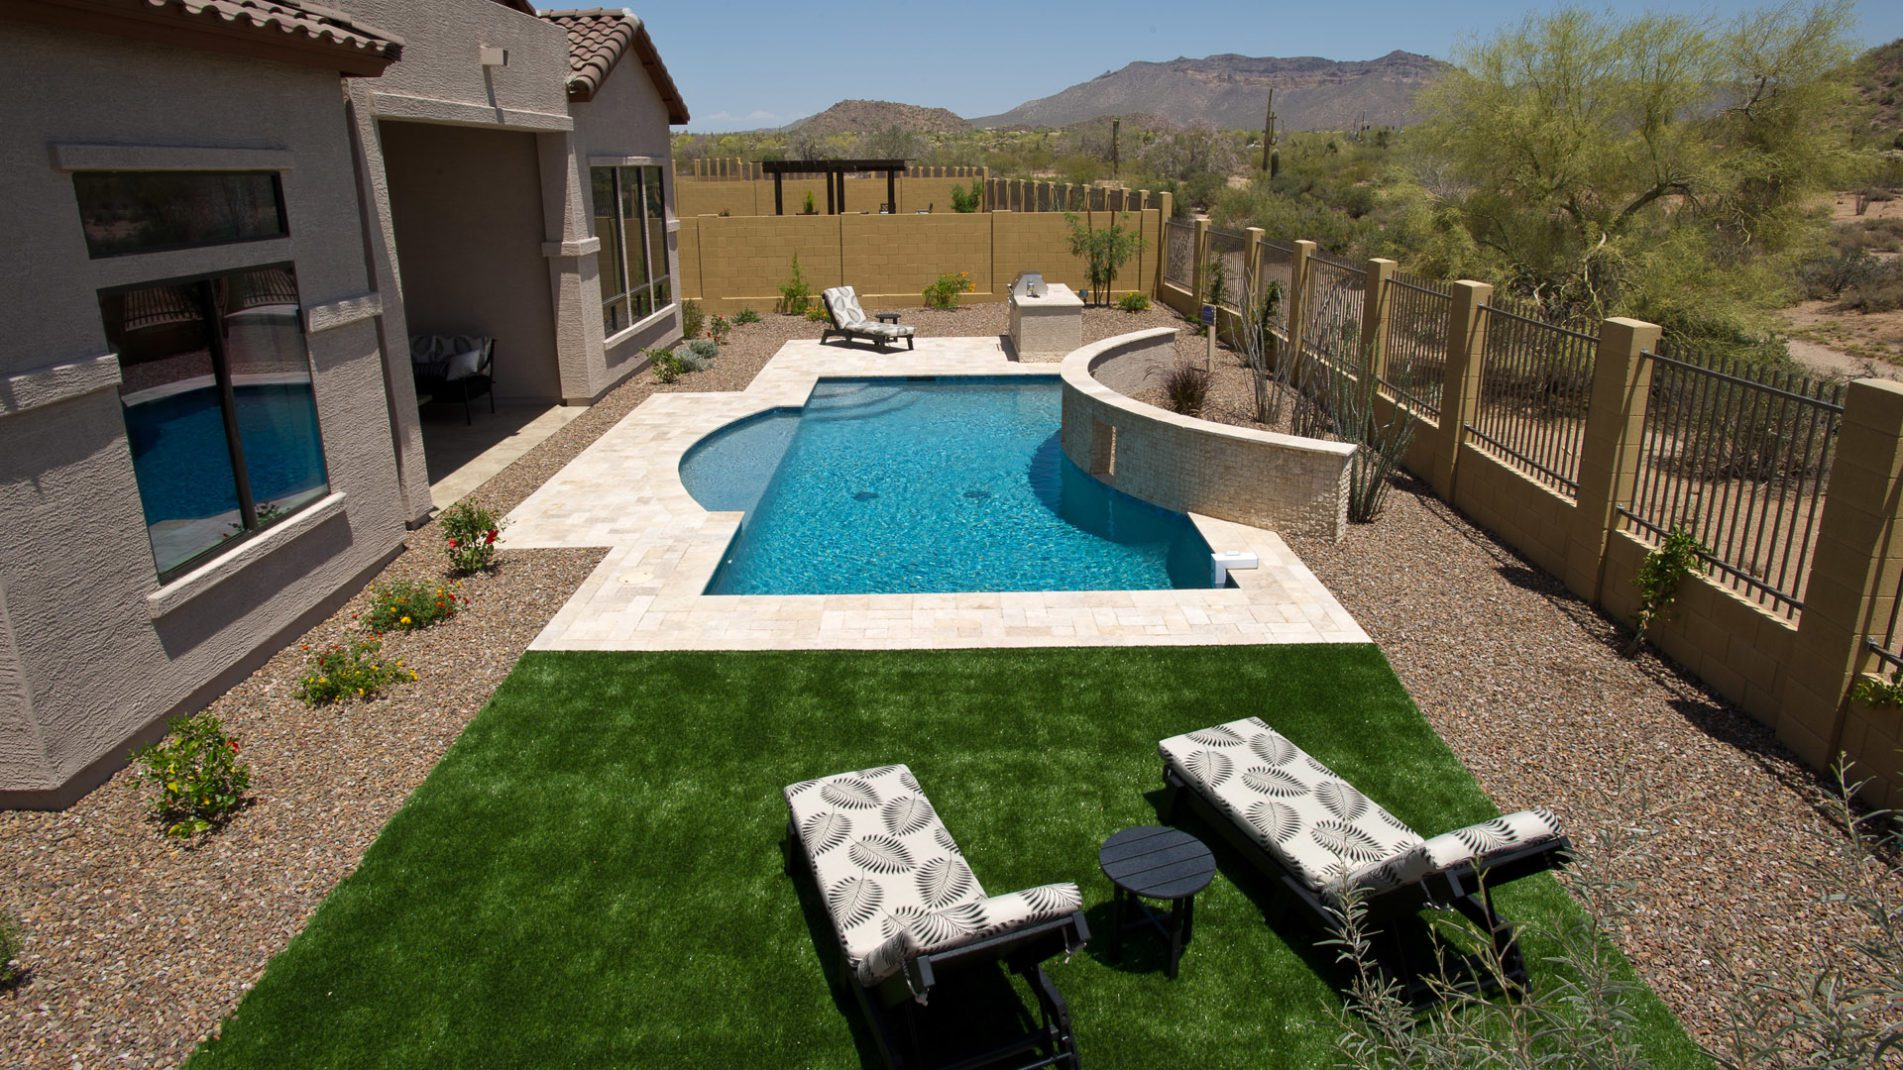 Grecian Gem Swimming Pool In Mesa Full View